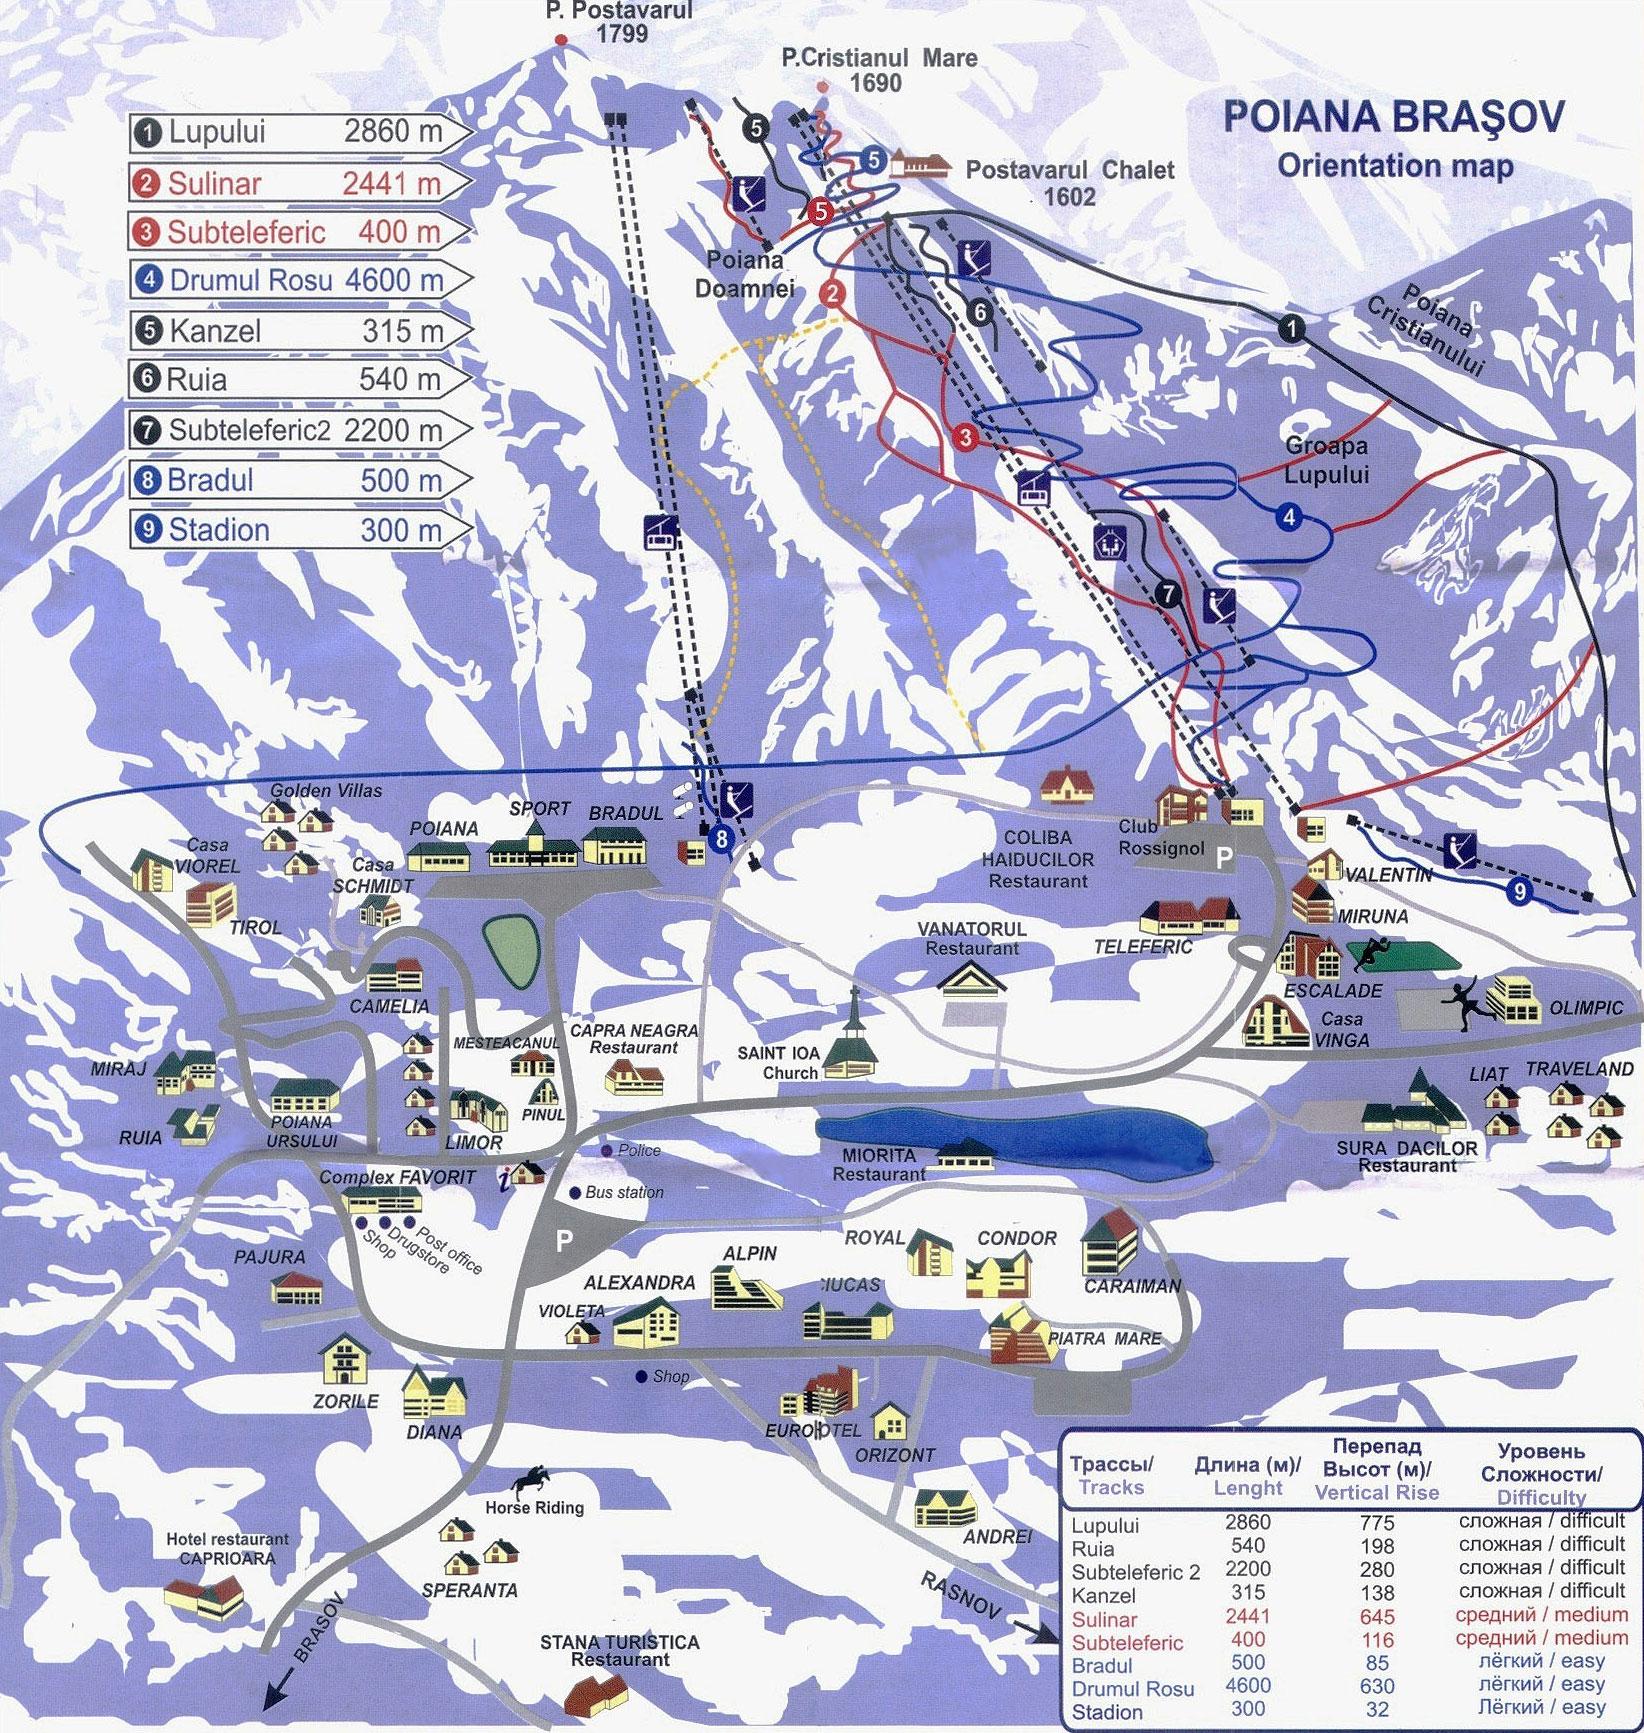 Схема горнолыжных трасс Паяно-Брашов, Румыния.